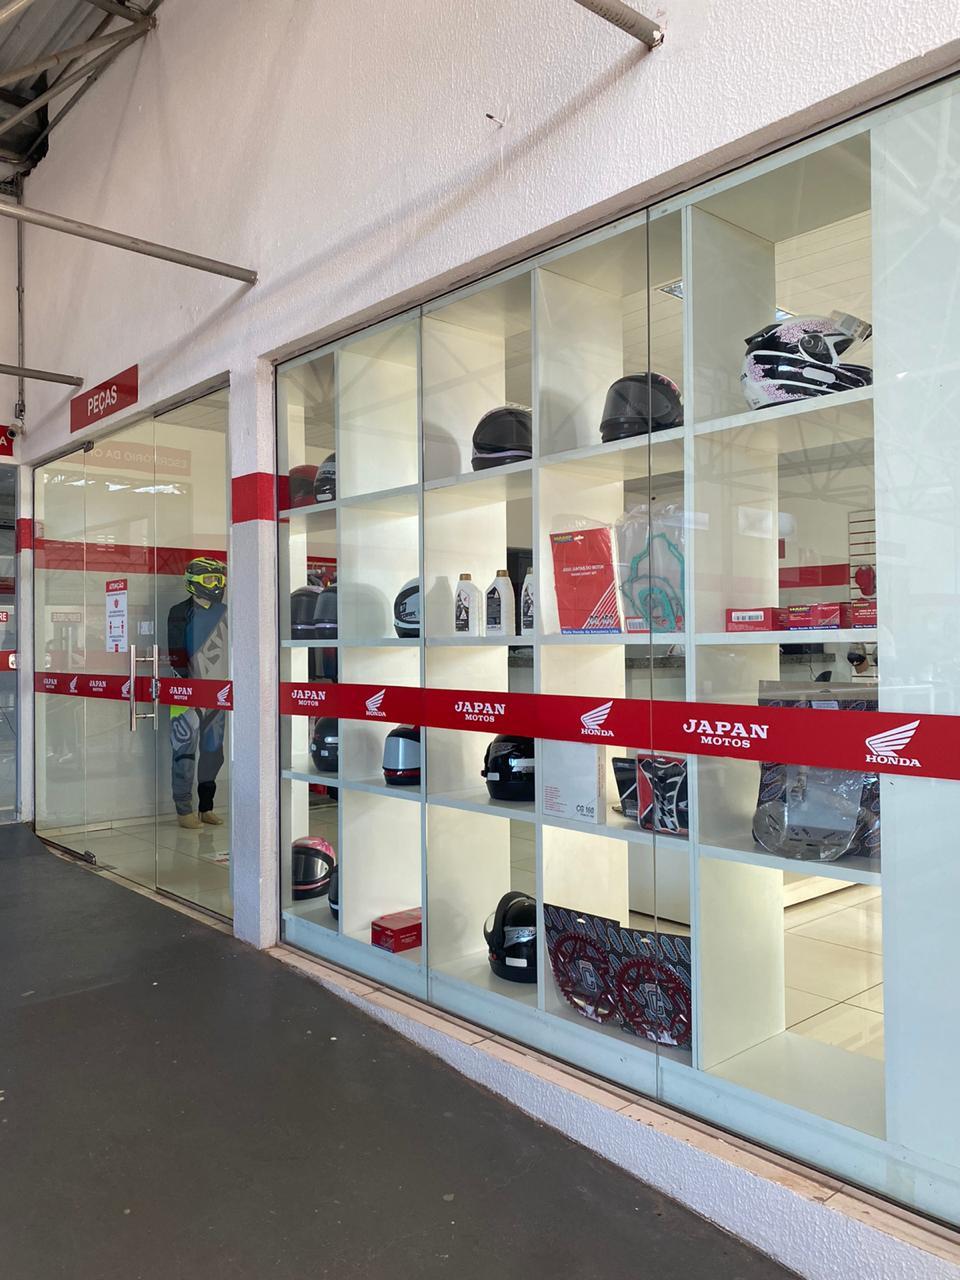 Japan Motos: nova loja da Honda em THE tem evento de inauguração - Imagem 4